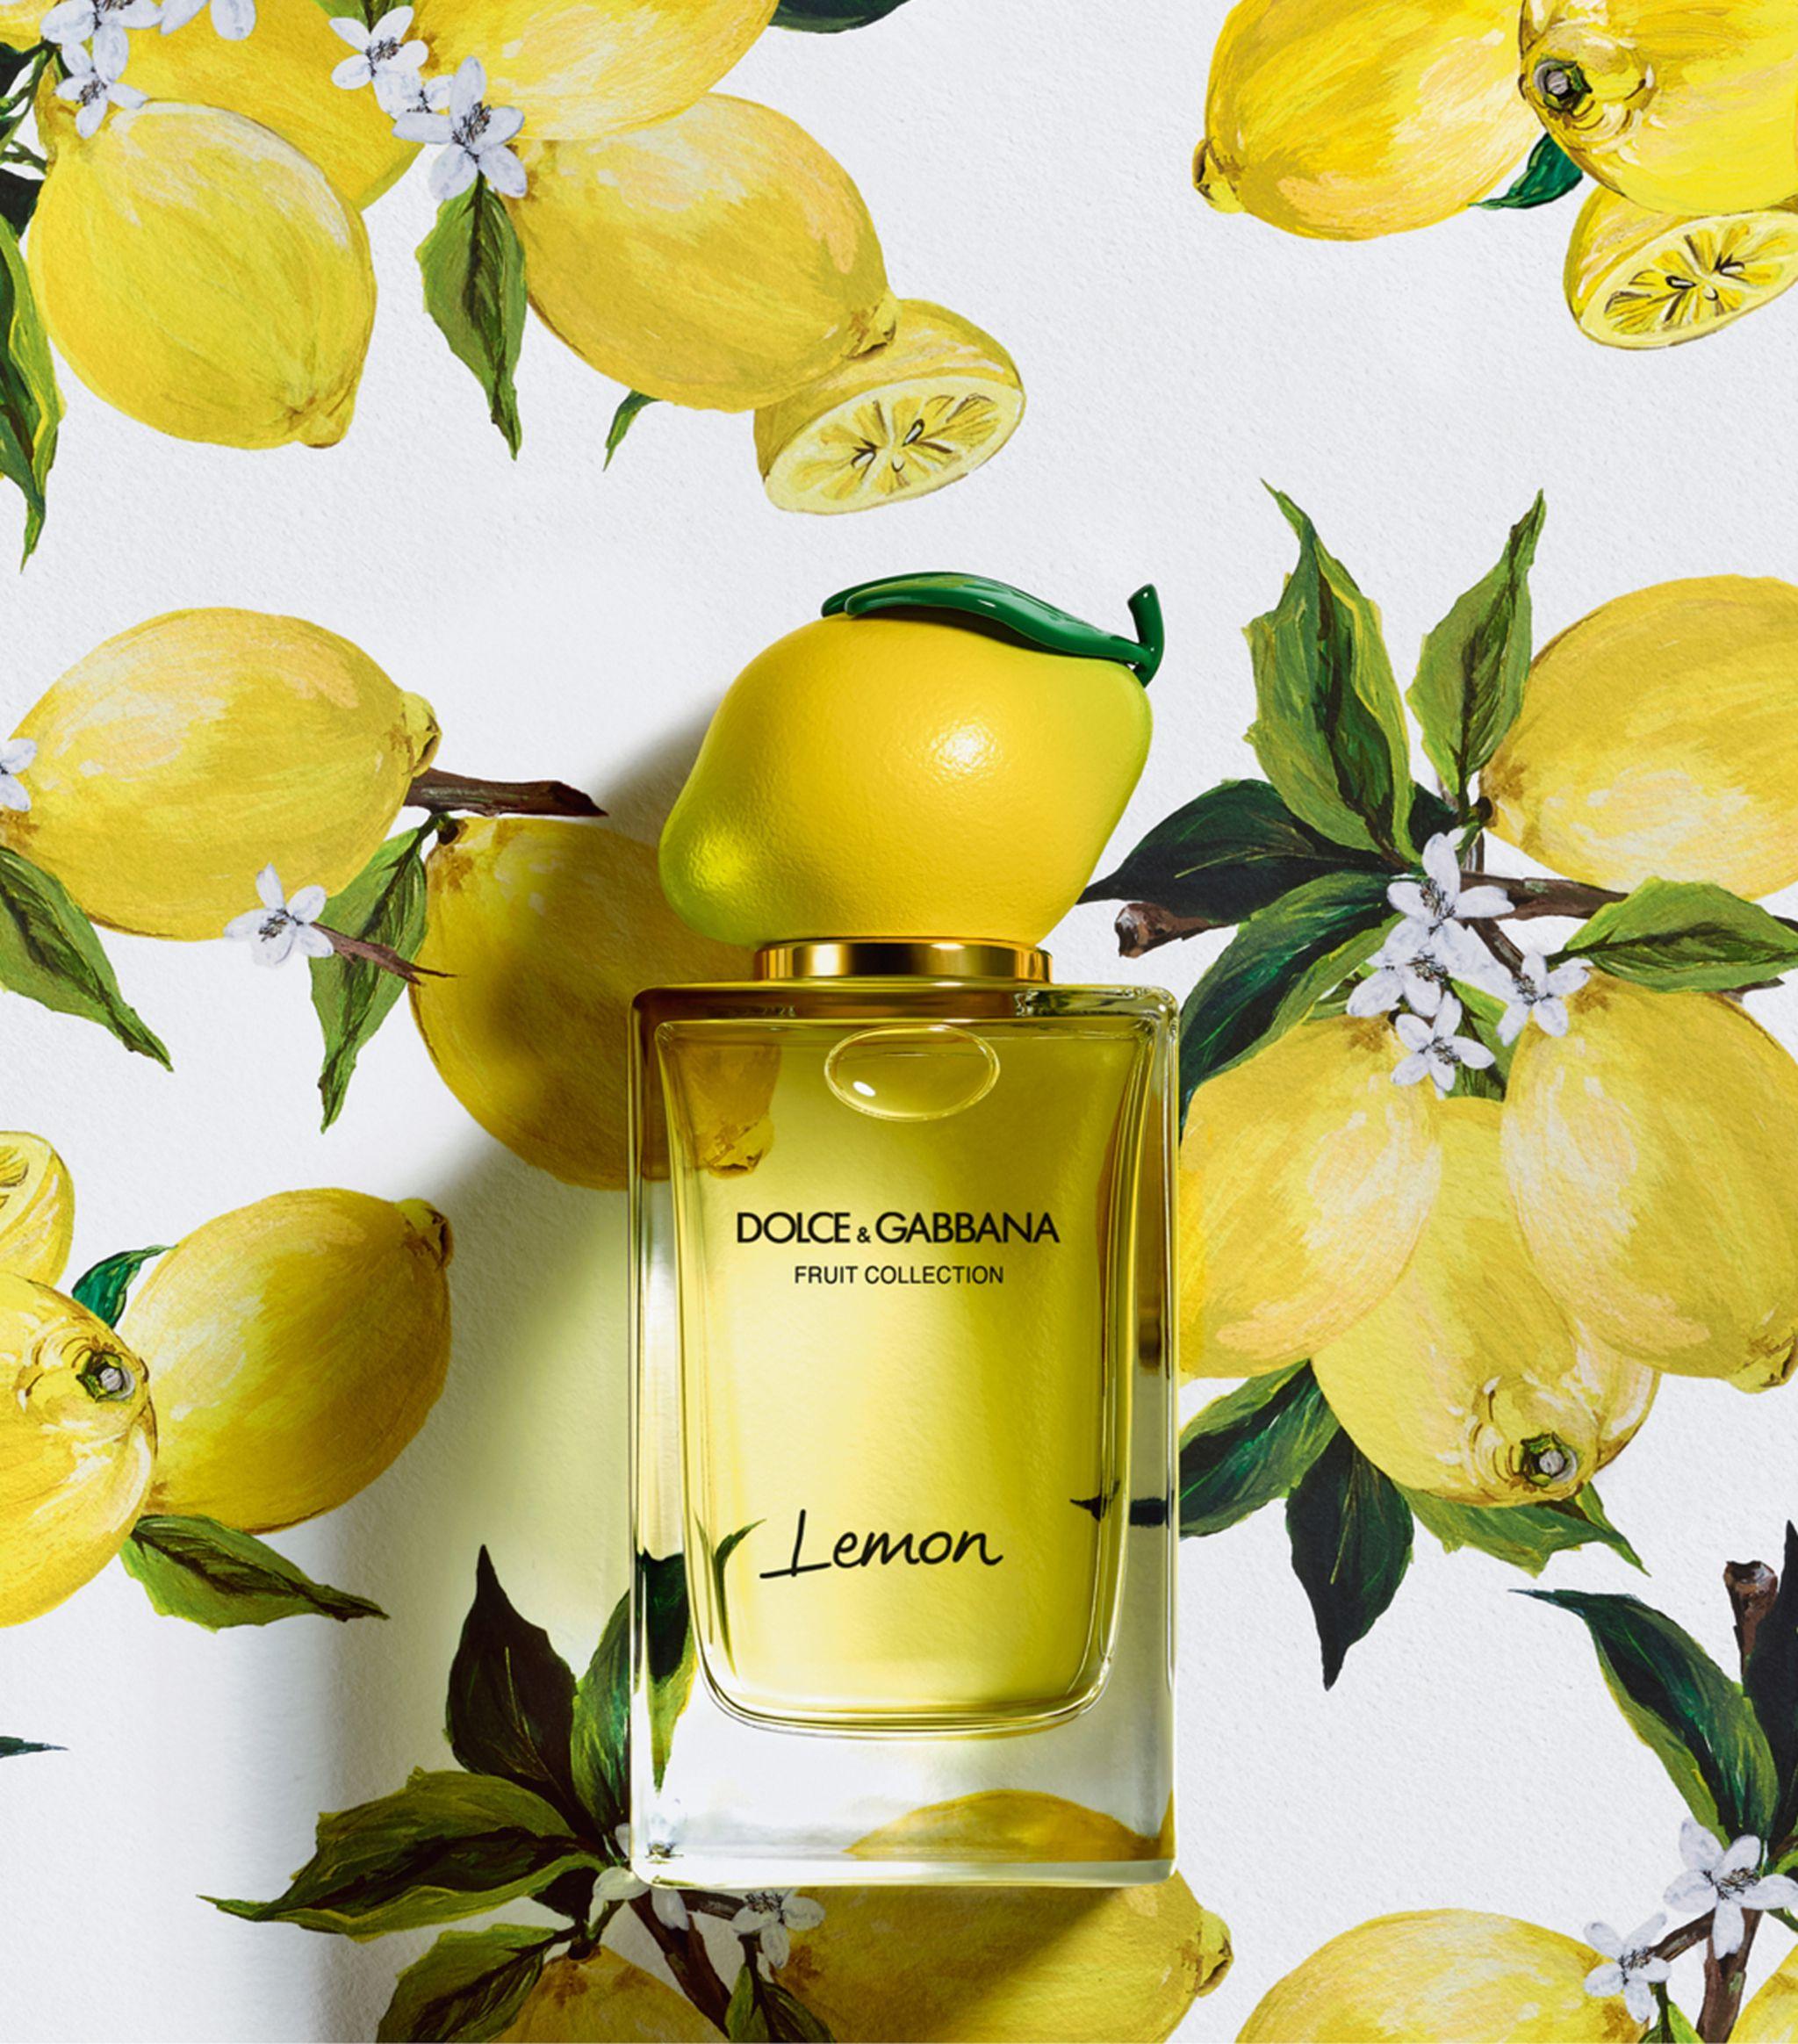 Dolce & Gabbana Velvet Fruit Collection Lemon EDT - Orchard.Vn